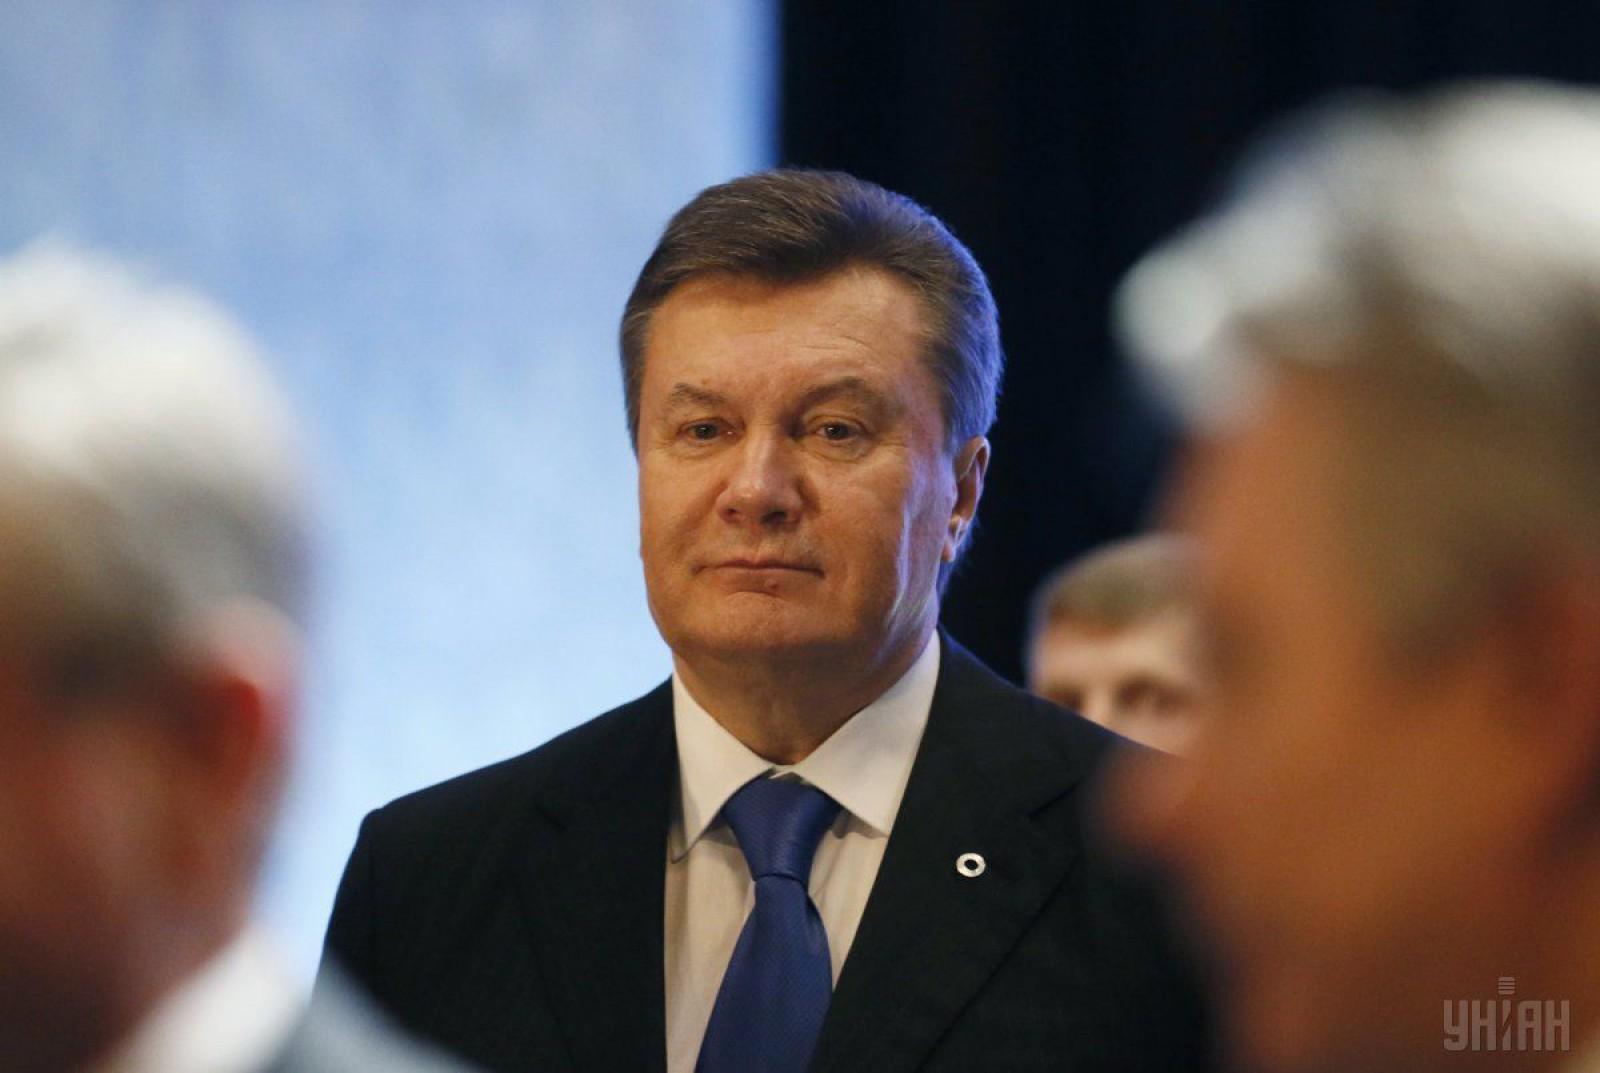 Fost deputat rus: Ianukovici a primit un miliard de dolari de la Kremlin, pentru refuzul de asociere cu UE